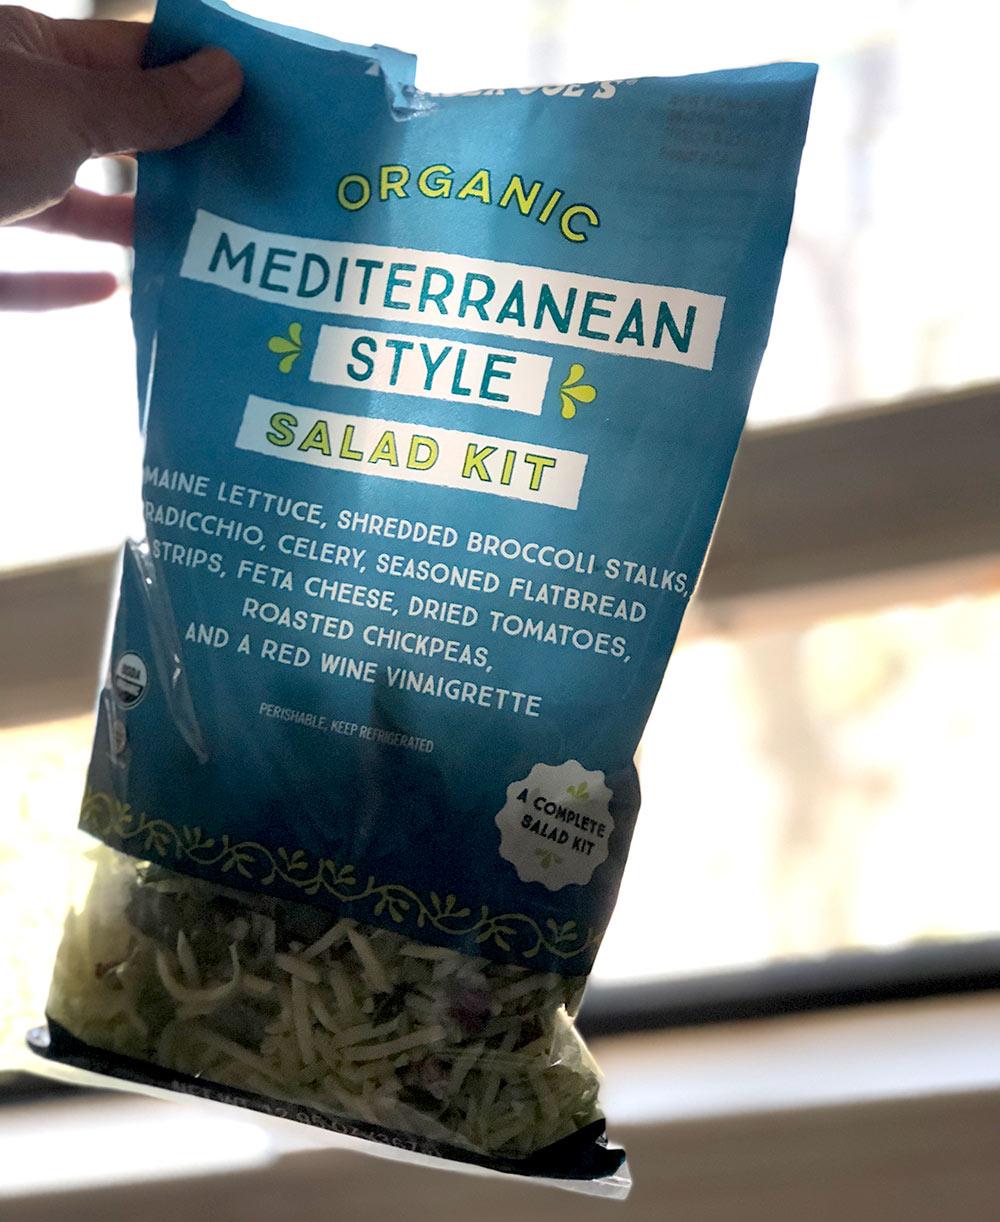 trader joes organic mediterranean style salad kit